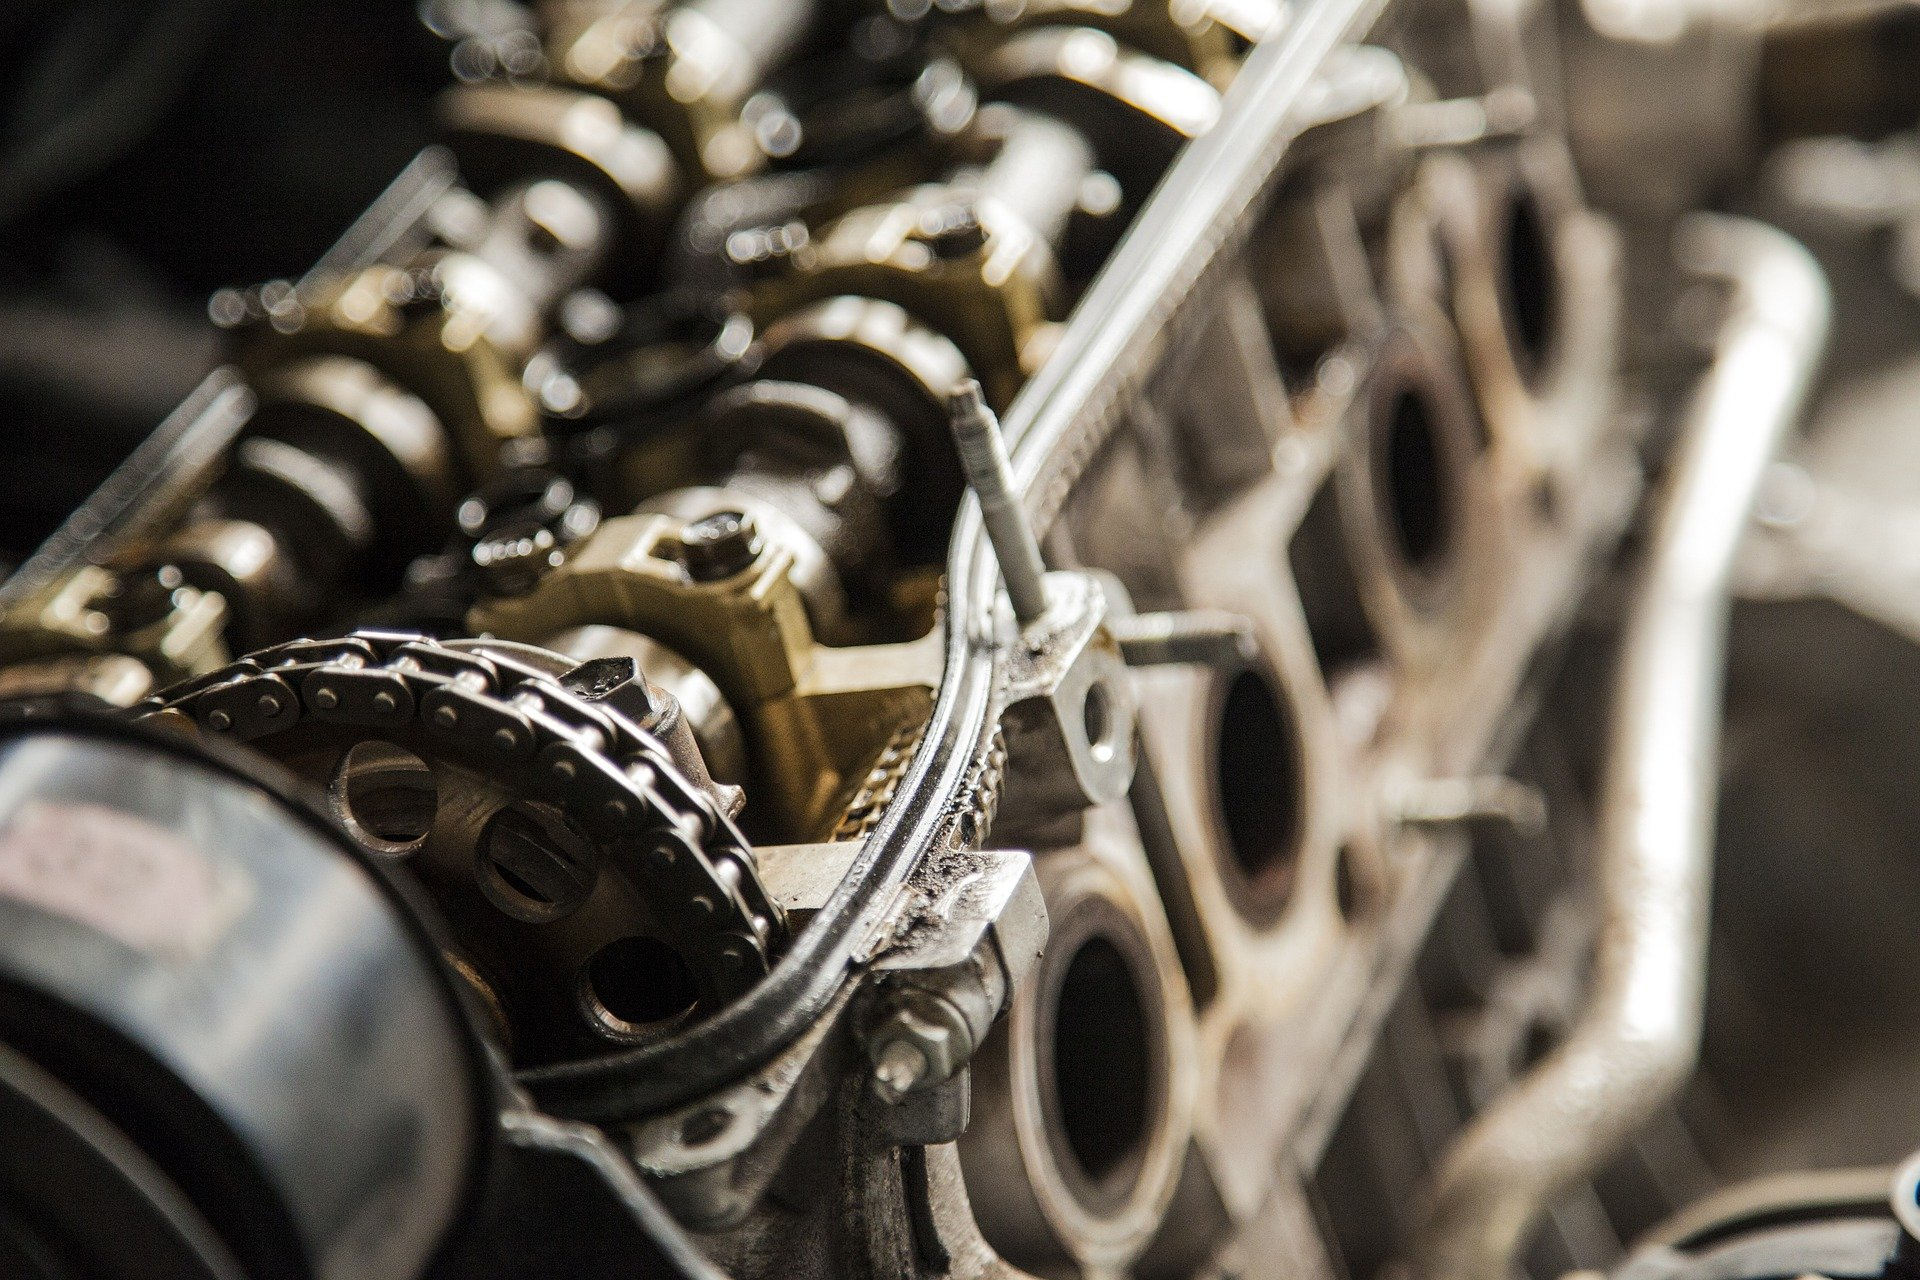 Een foto van een motor van een machine